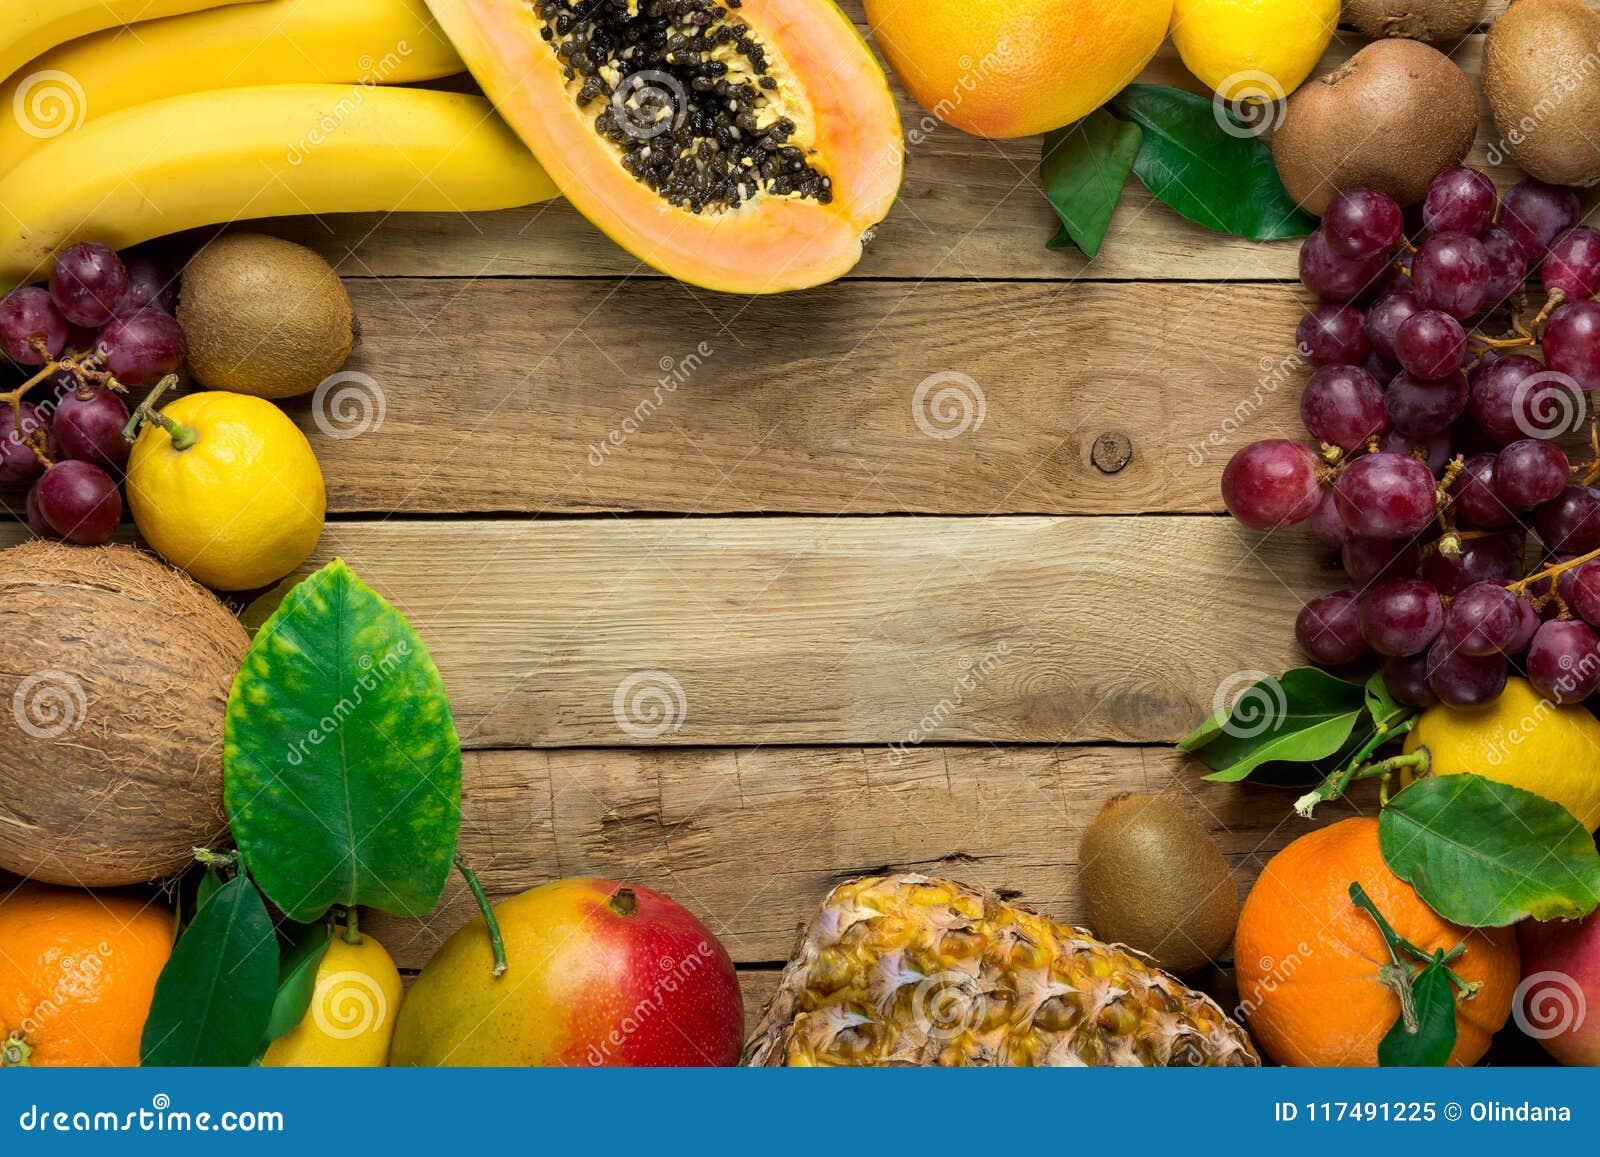 与拷贝空间的框架从新鲜热带和夏天结果实菠萝番木瓜芒果椰子桔子猕猴桃香蕉柠檬葡萄柚